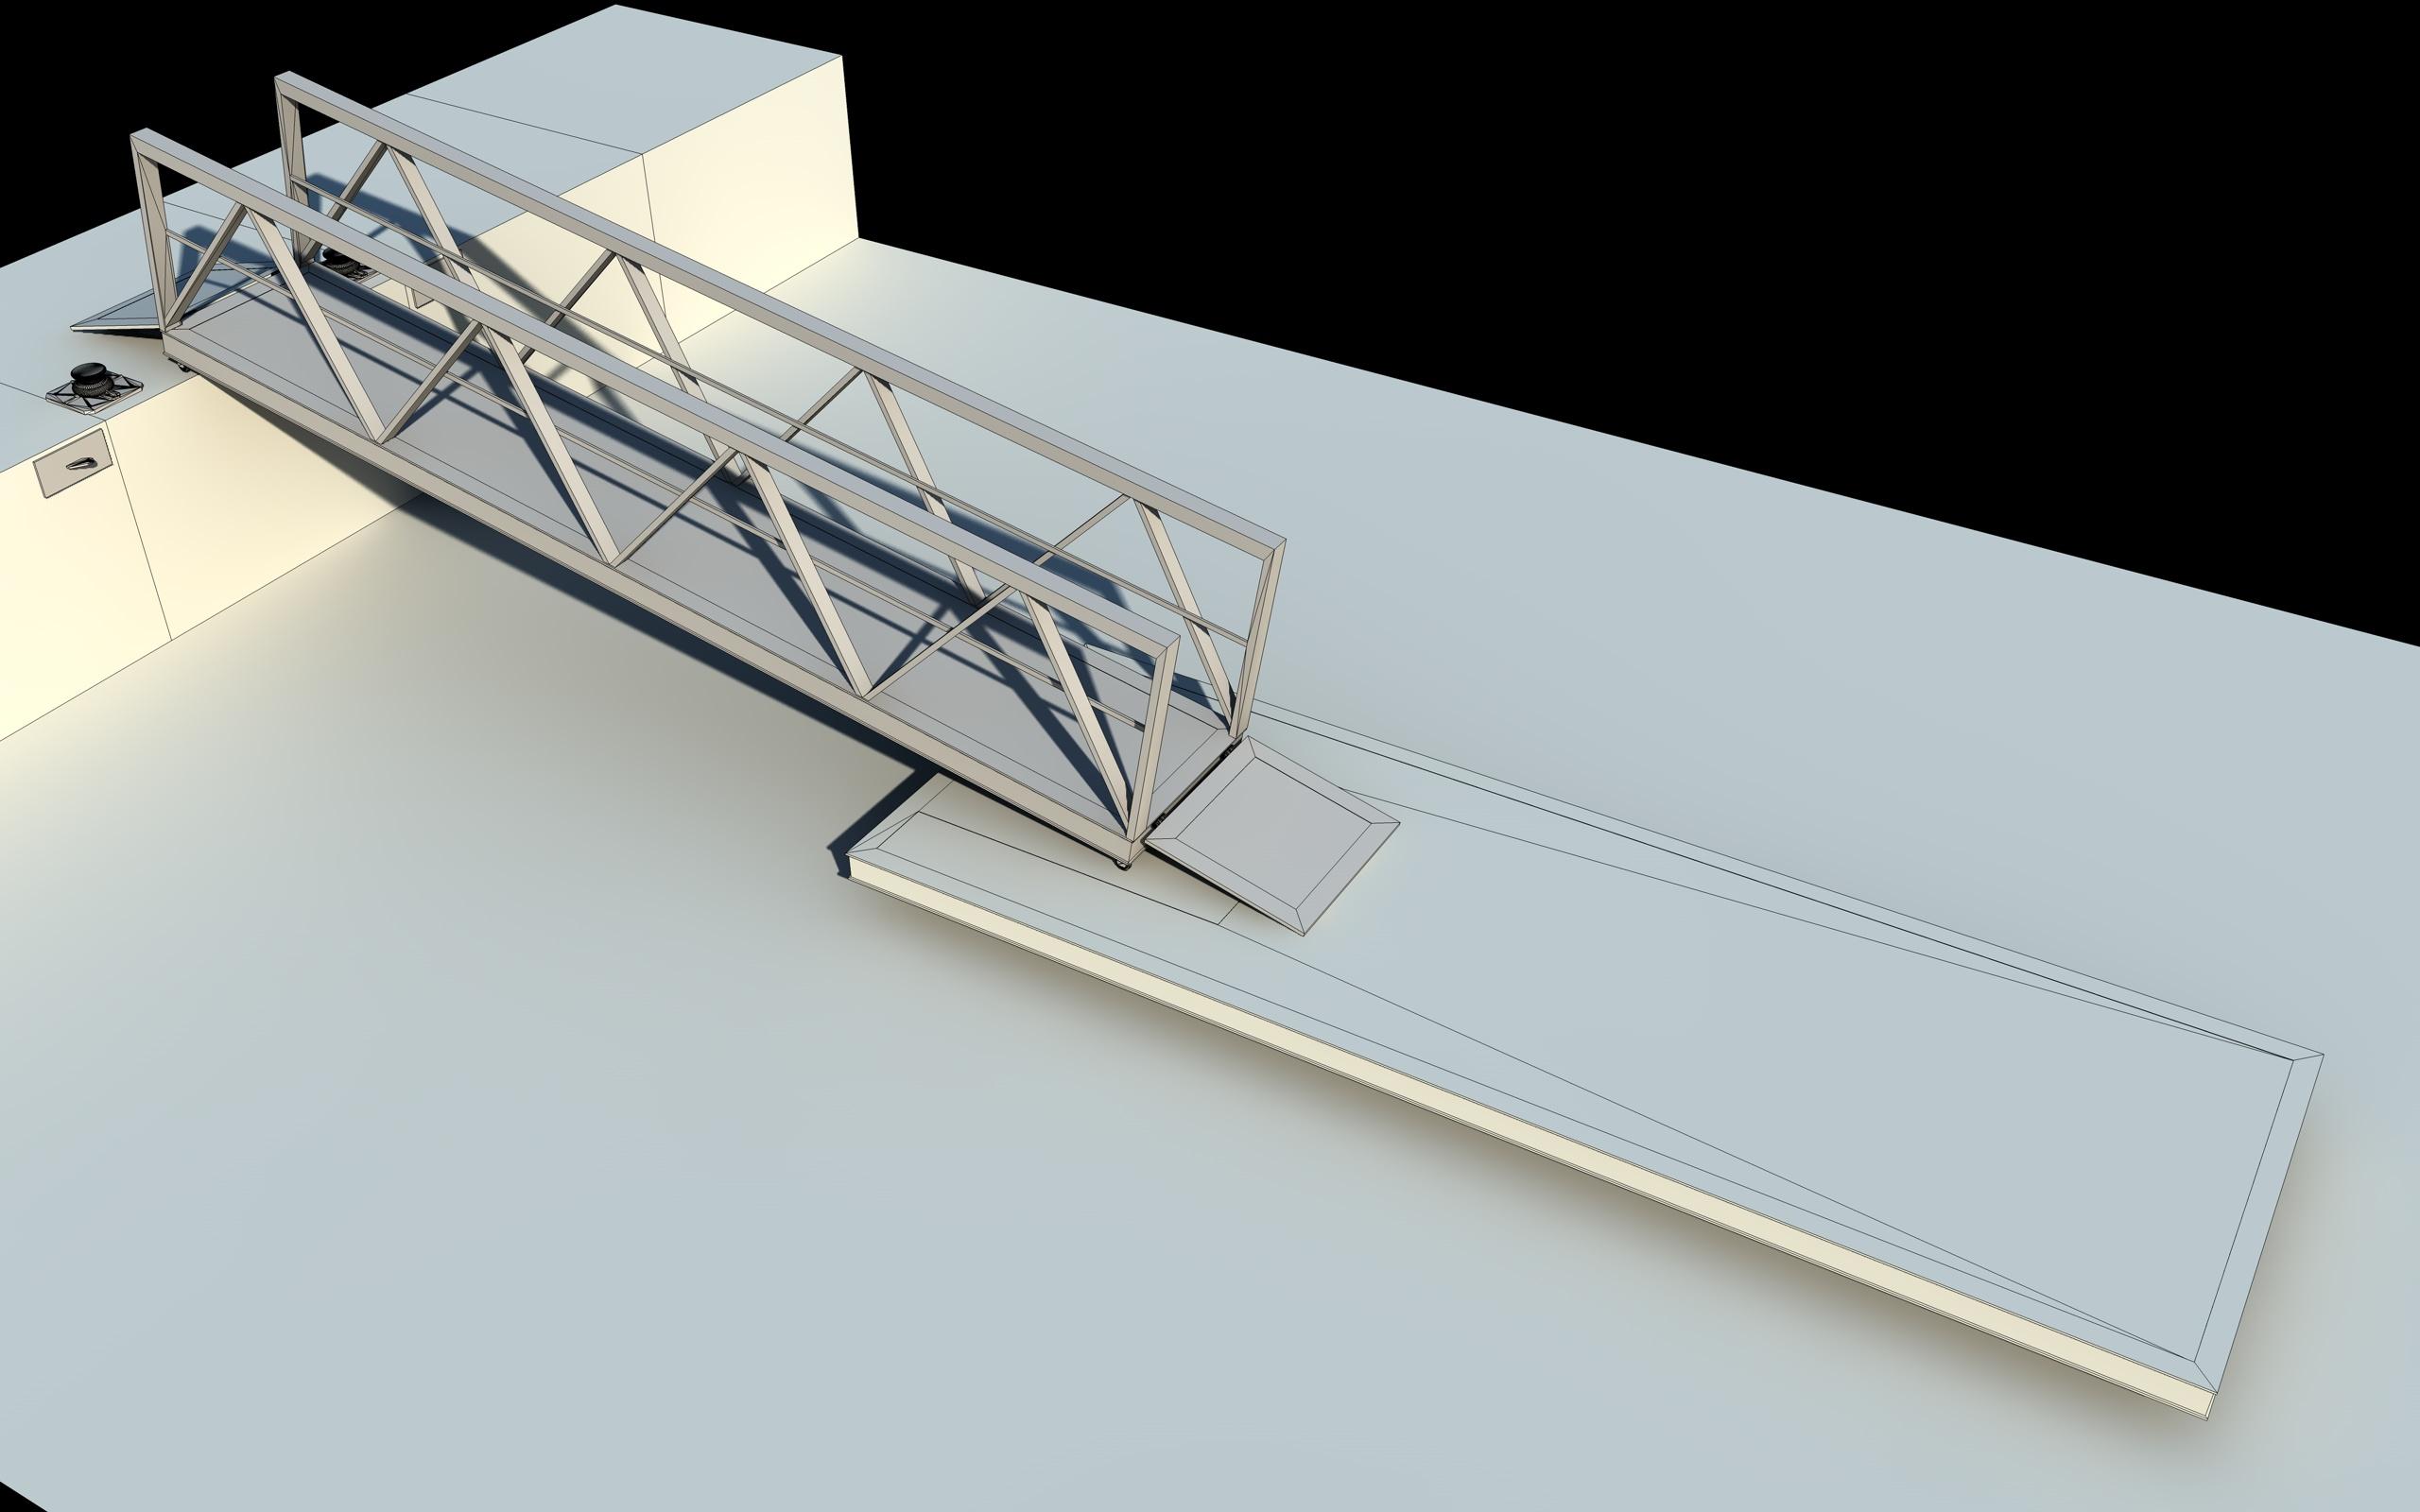 boat pier dock 3d model 3ds dxf fbx c4d skp obj 148411